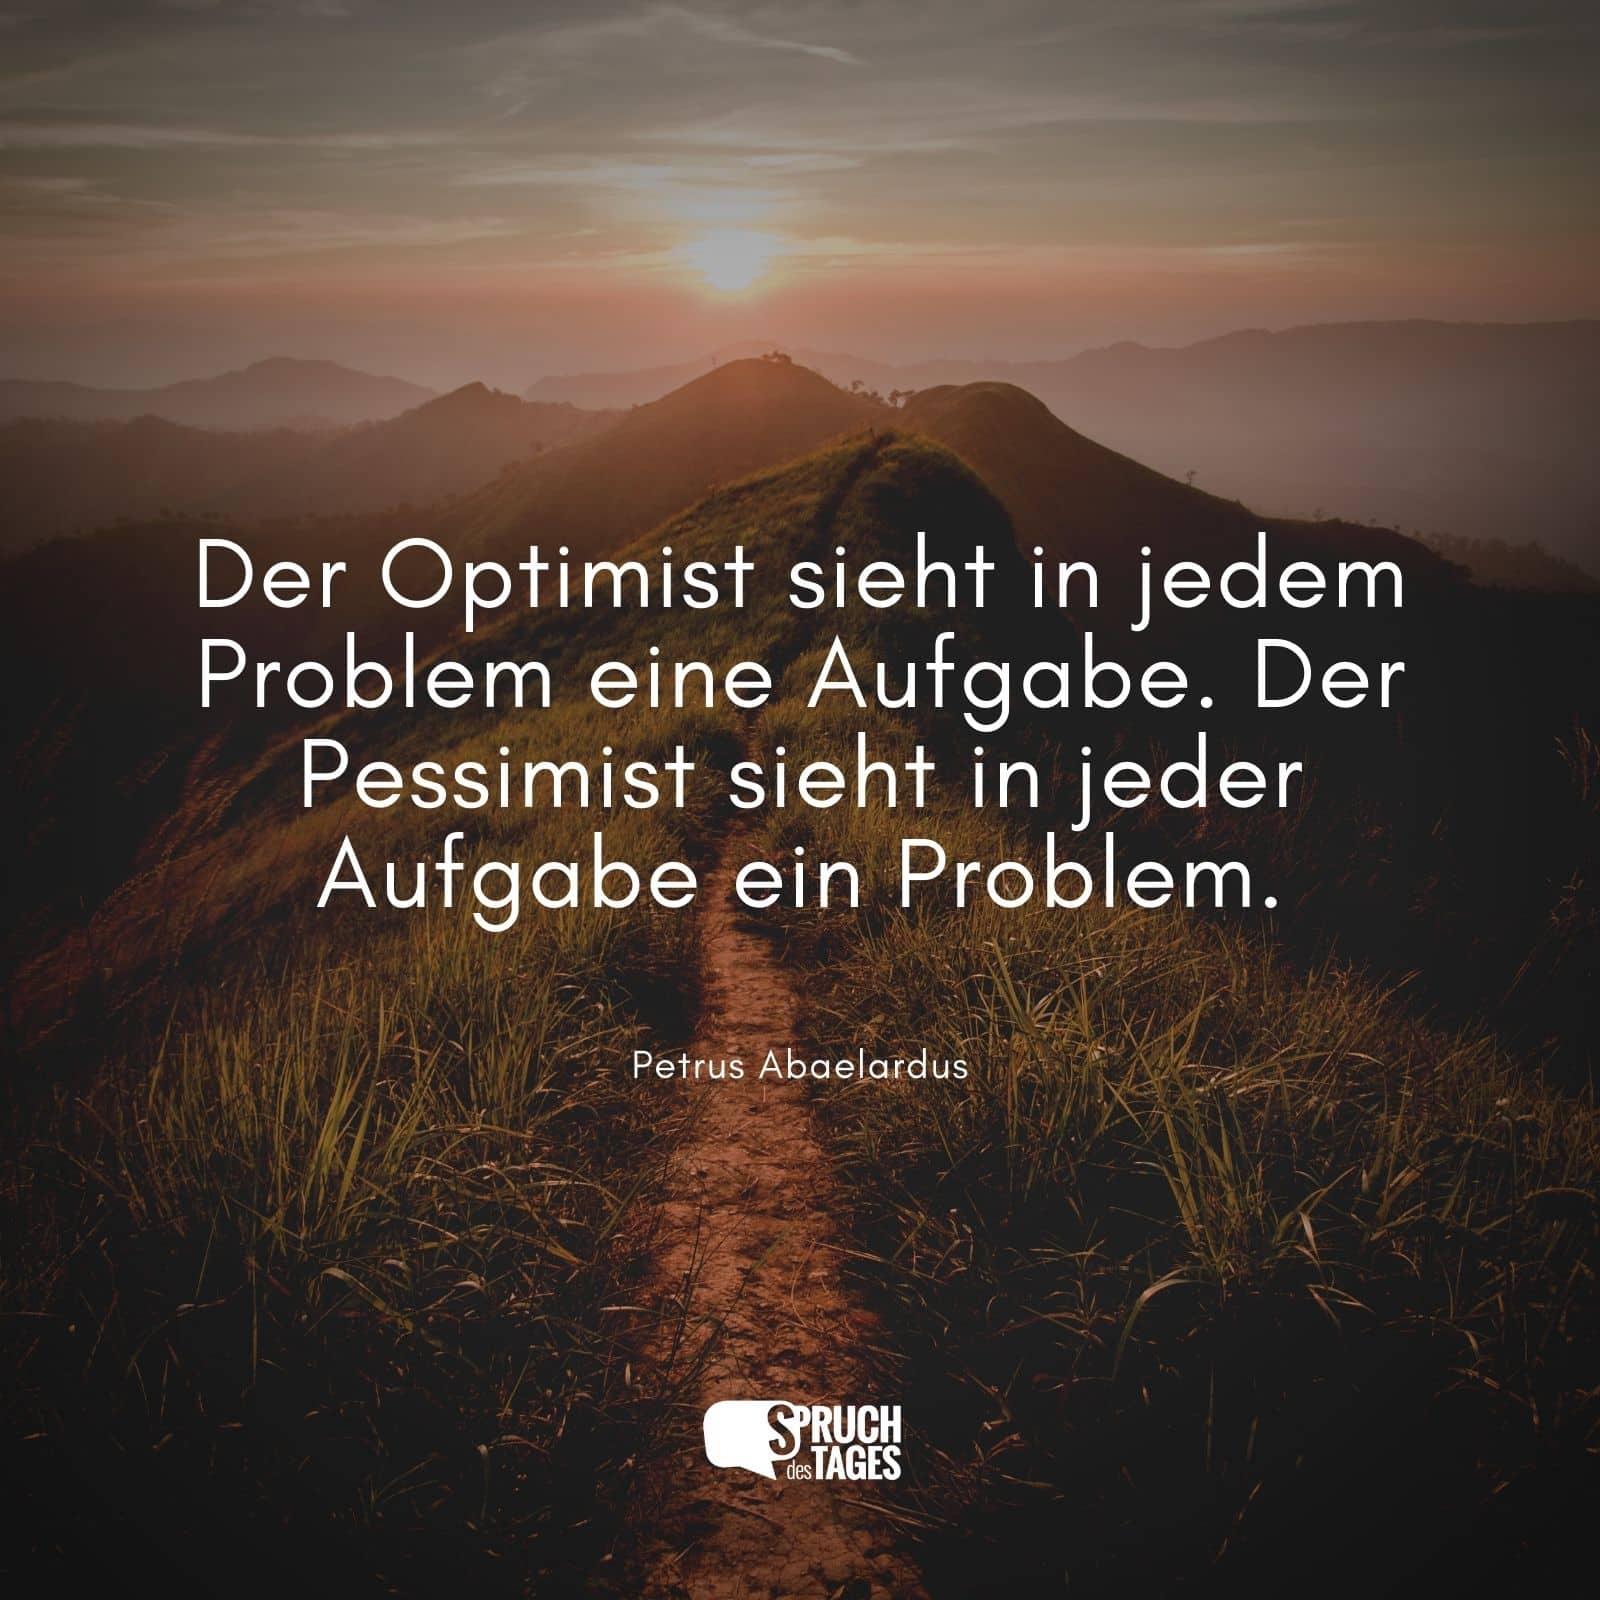 Der Optimist sieht in jedem Problem eine Aufgabe. Der Pessimist